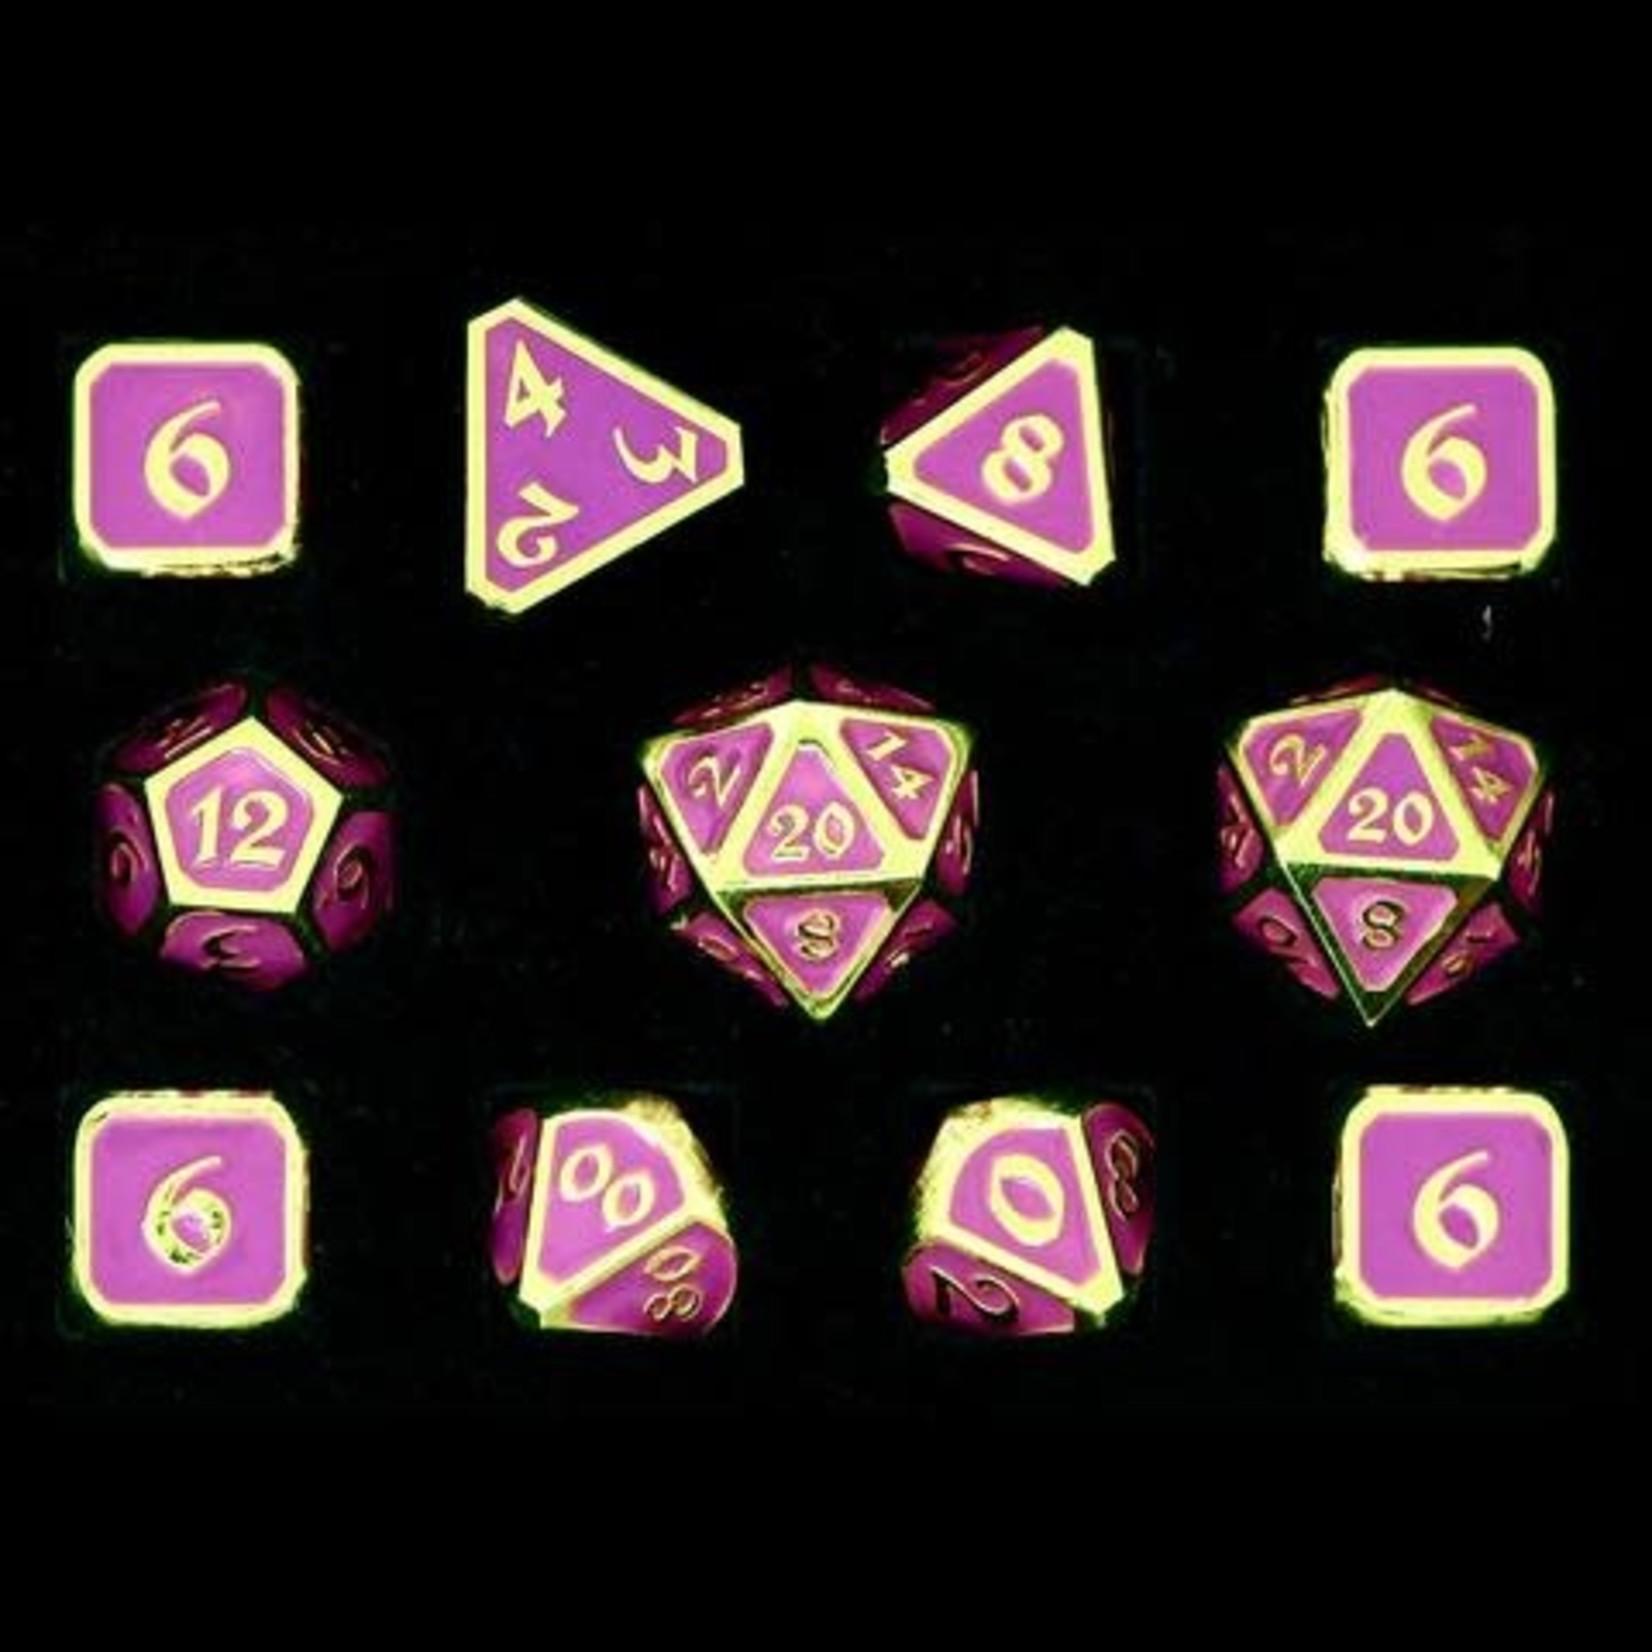 Die Hard Dice Die Hard Dice: Polyhedral Metal Dice Set - AfterDark Neon Nightlife 11pc